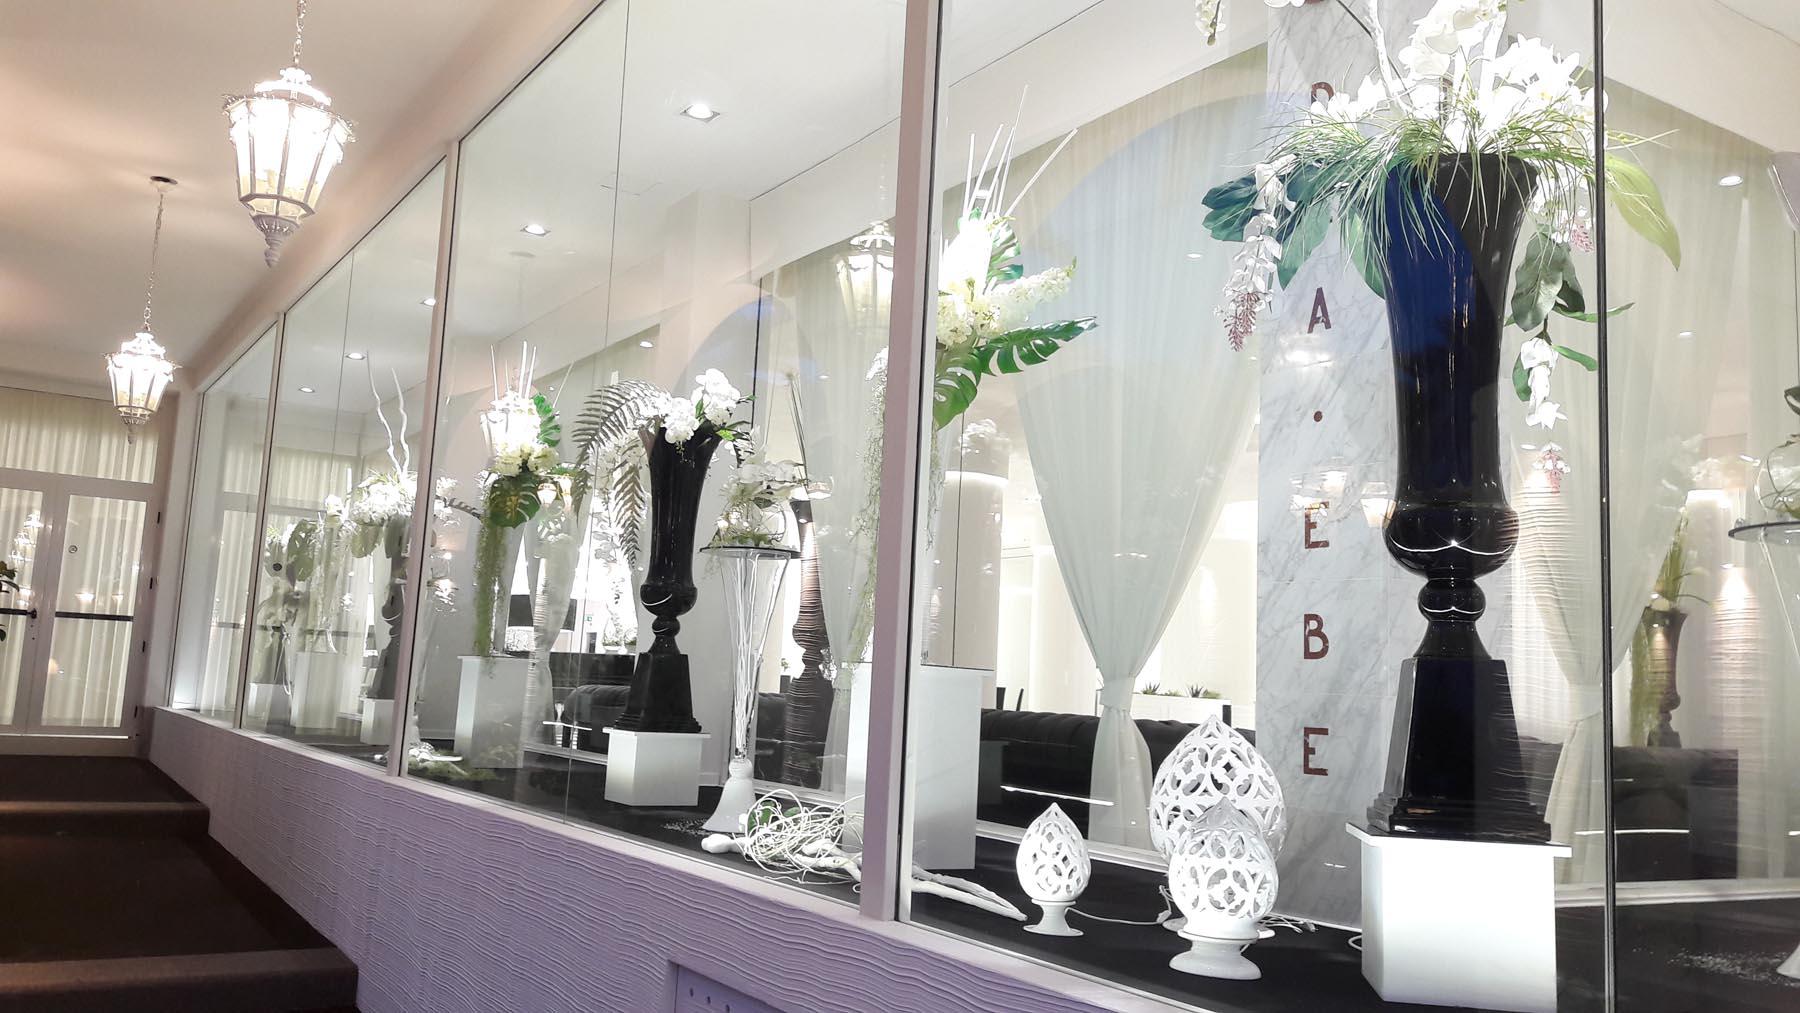 Dea Ebe Black e White in stile chanel (29)